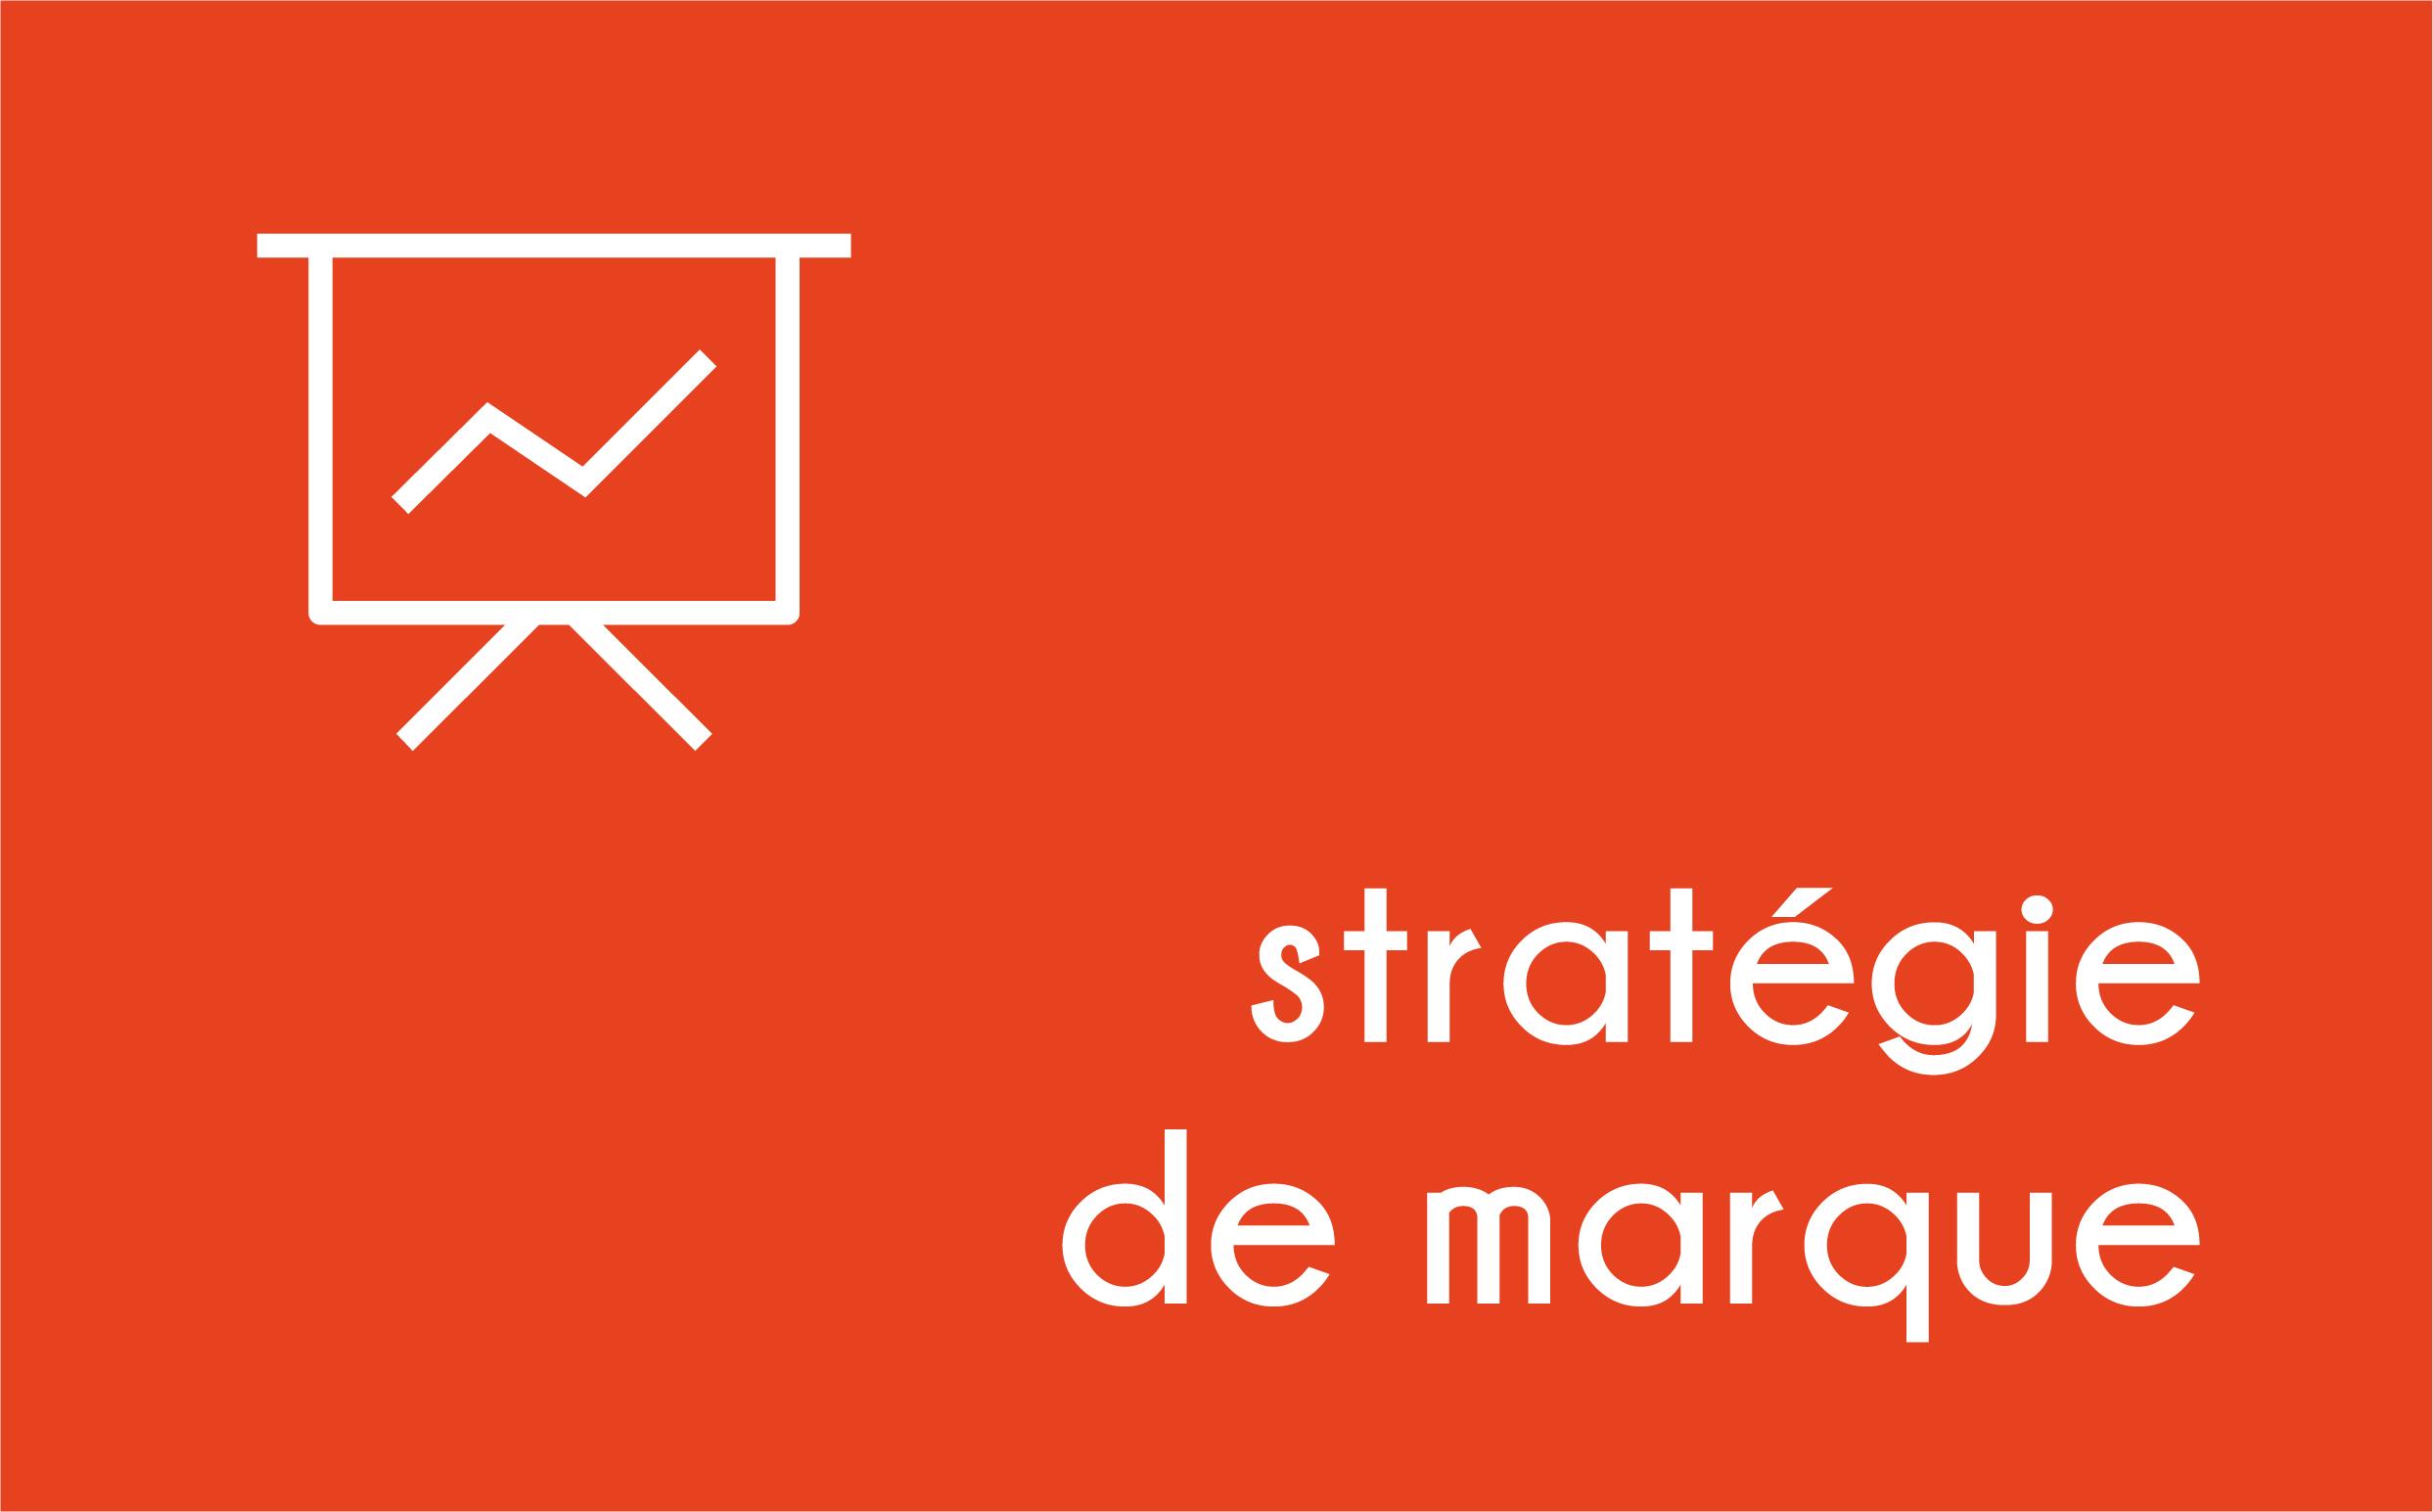 Stratégie de marque